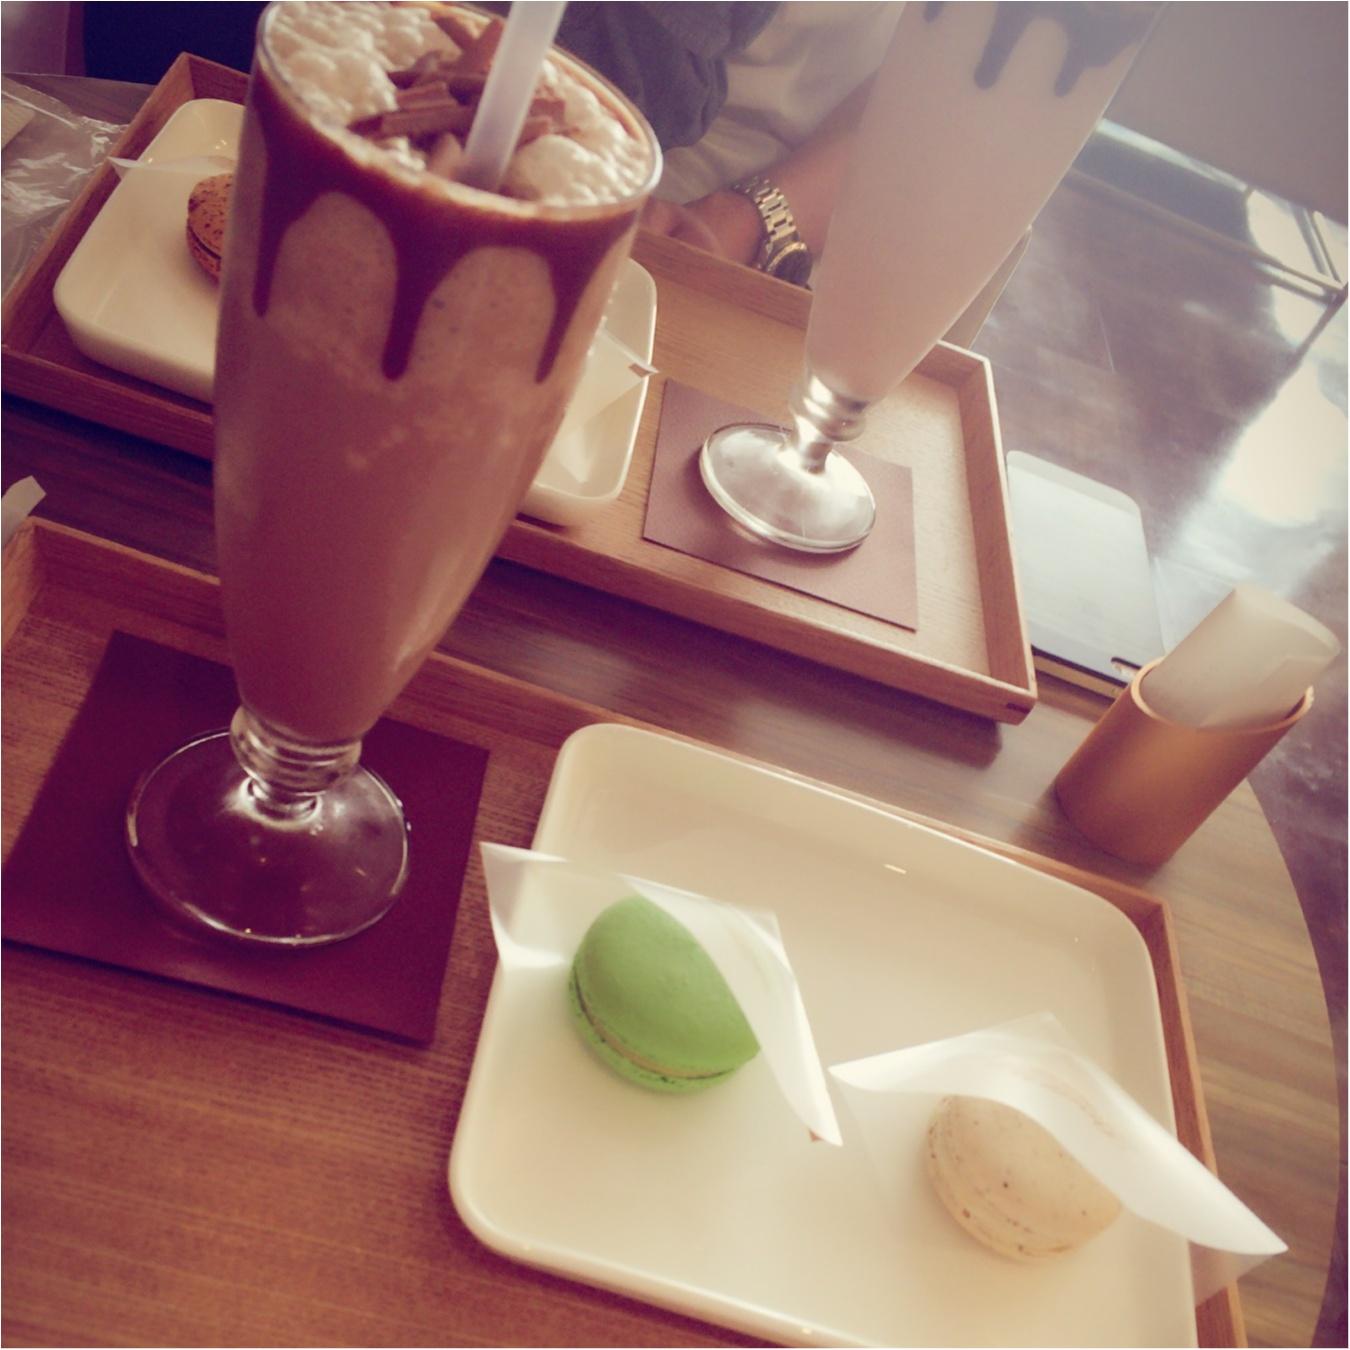 暑いけど、リンツのチョコは大好き‼︎自由が丘にあるリンツのカフェに行ってみた^ ^_1